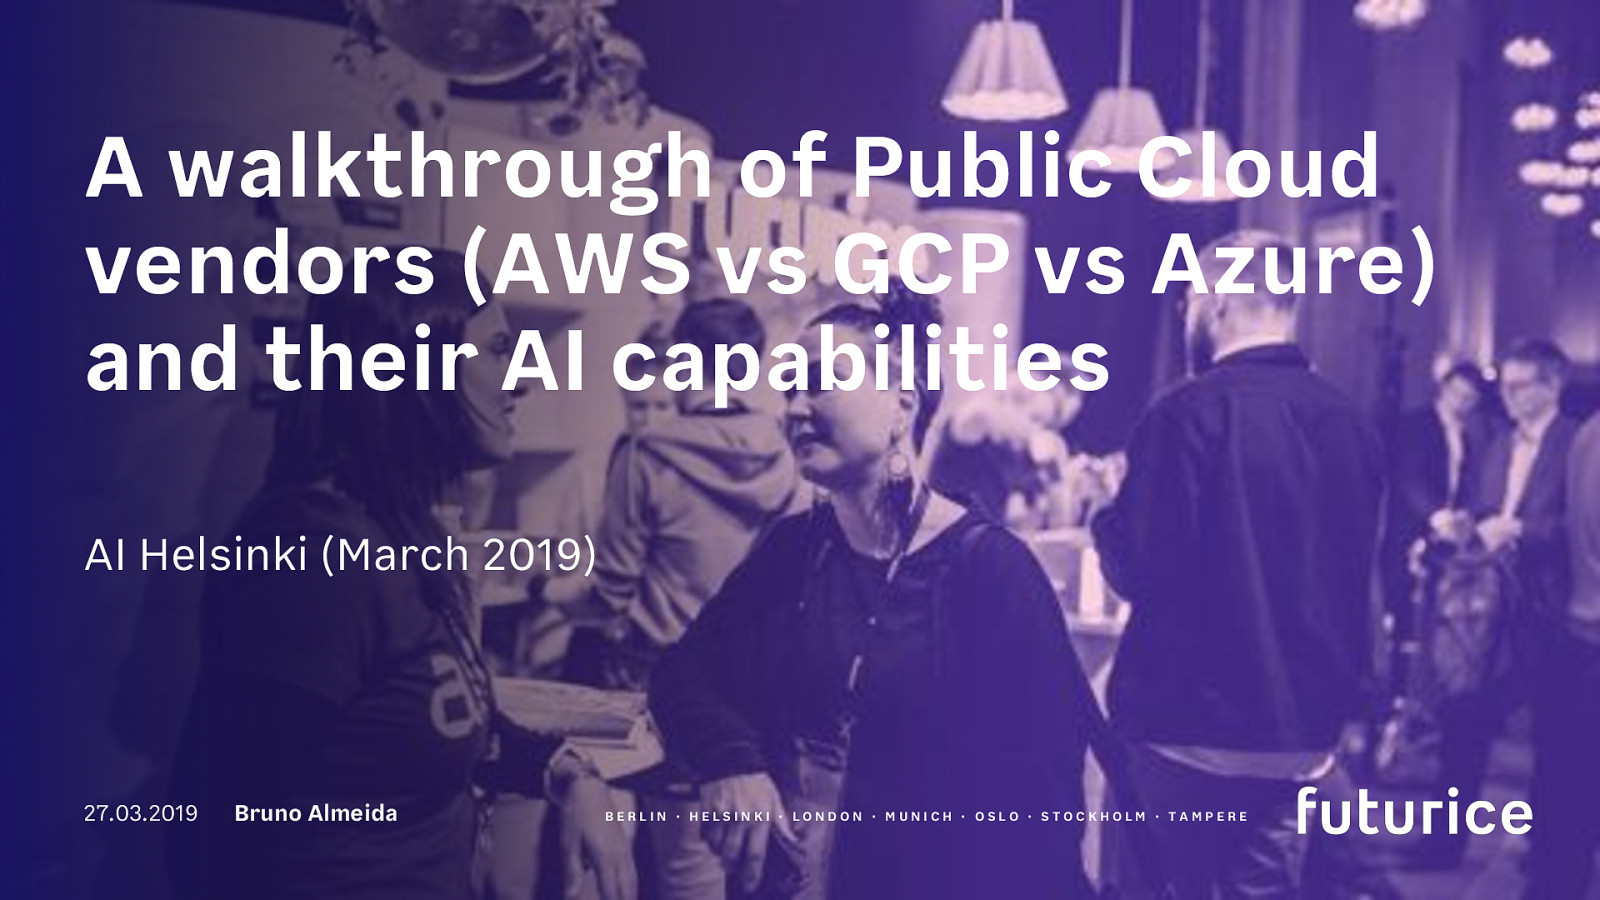 A Walkthrough of public Cloud vendors (AWS vs GCP vs Azure) and their AI Capabilities